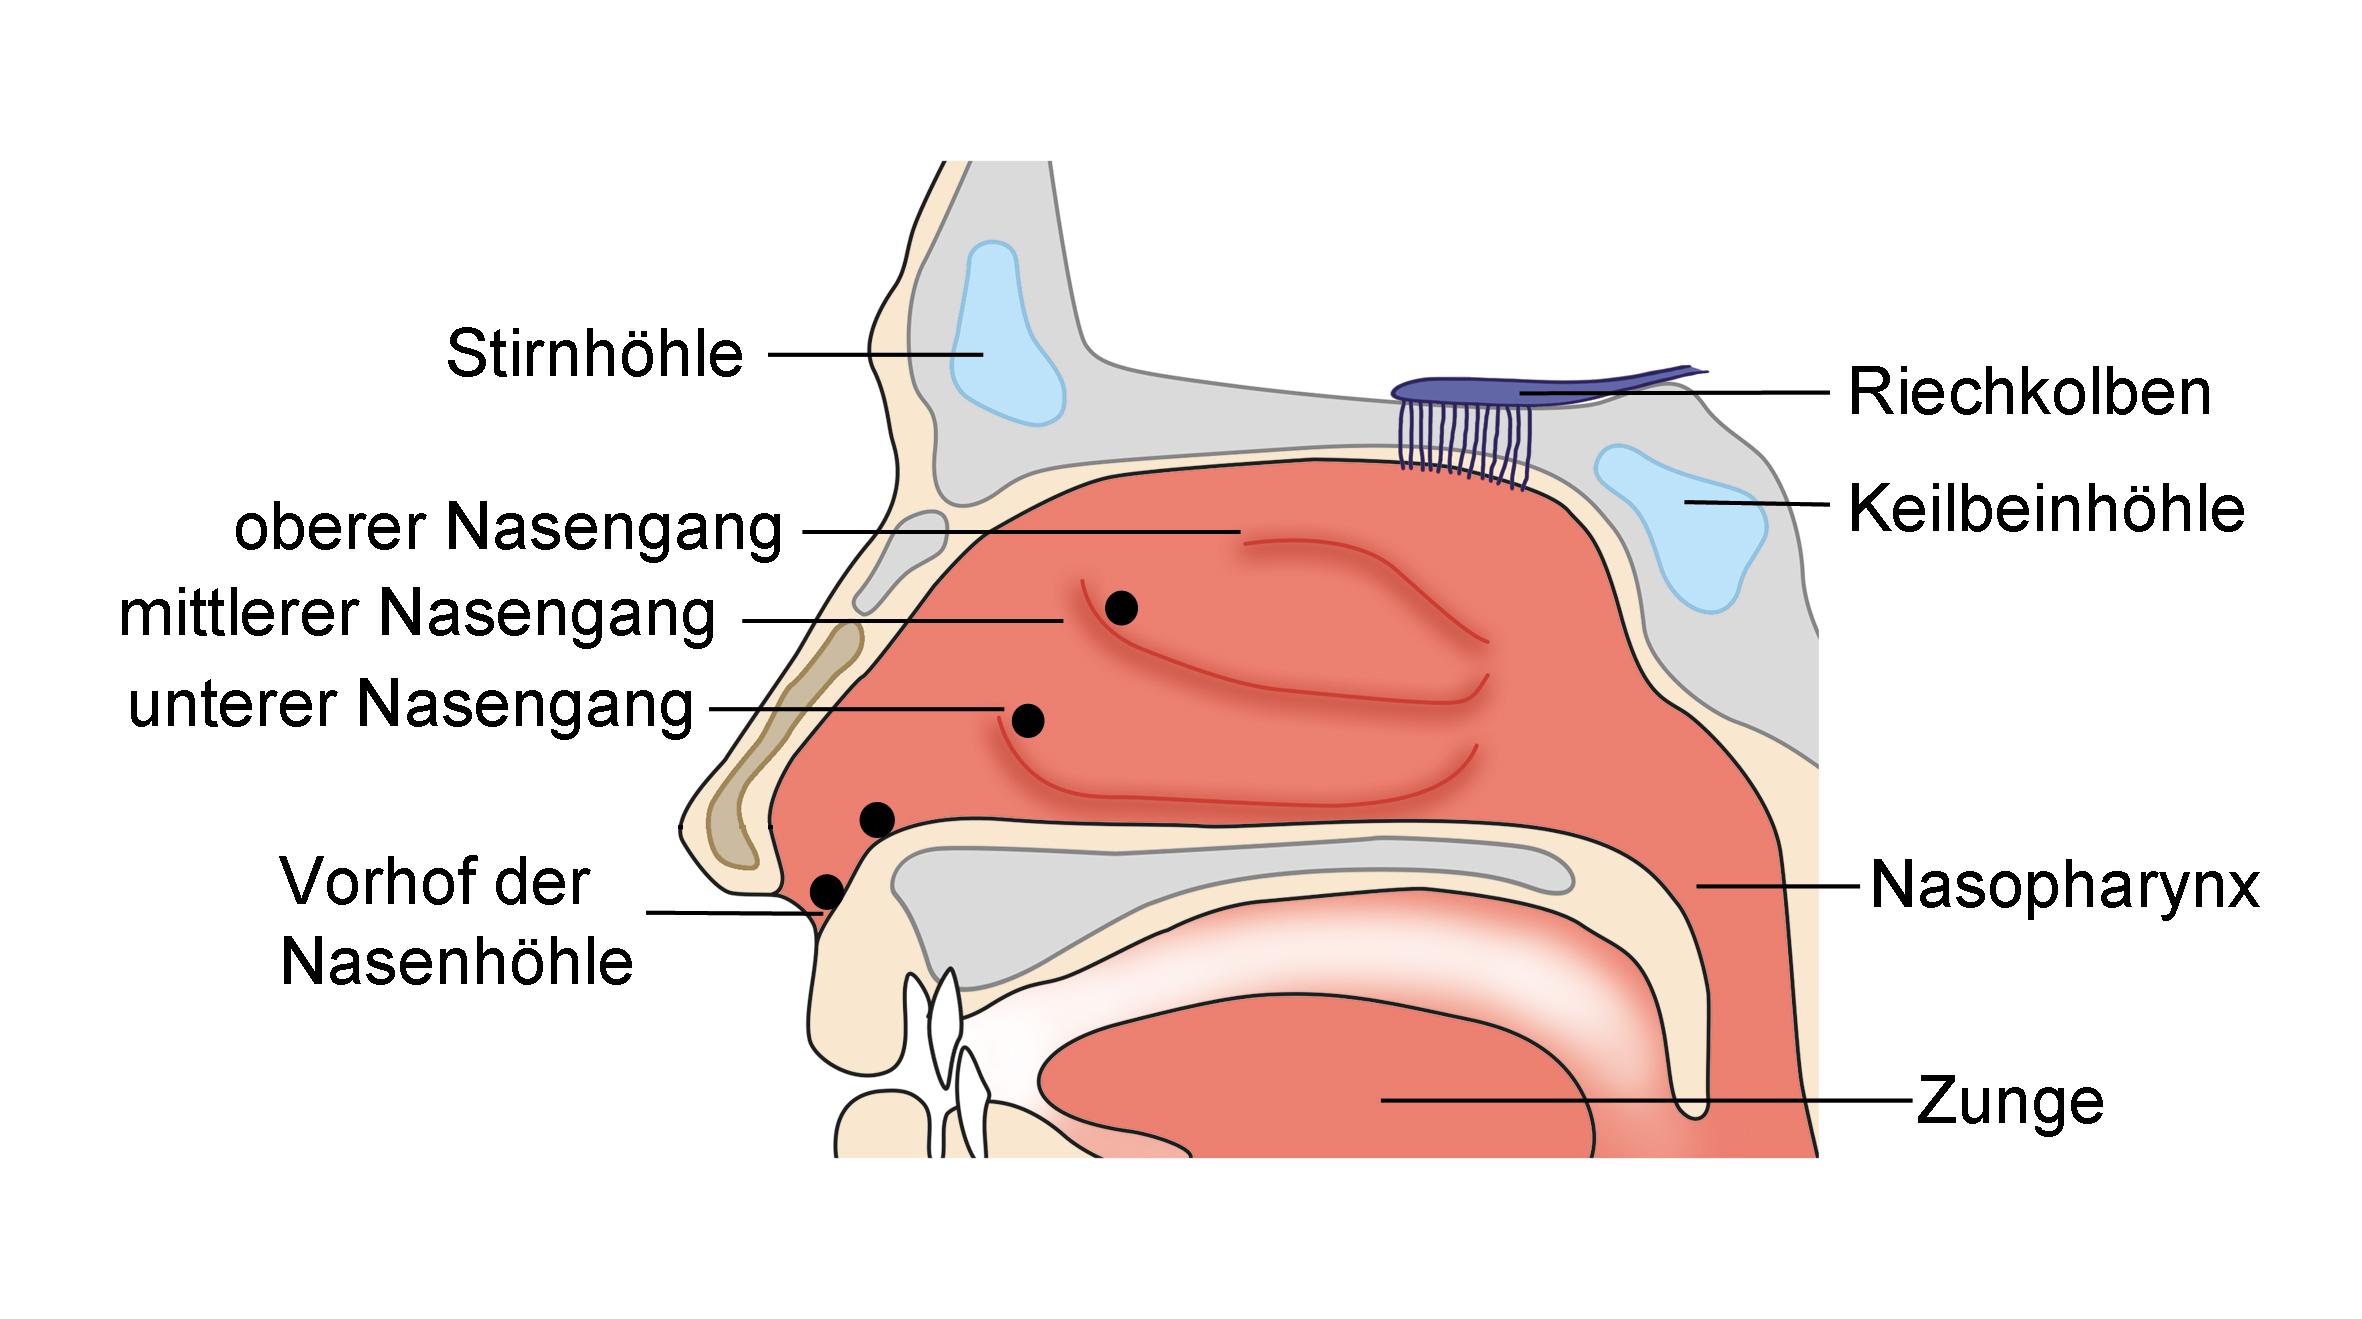 Ungewöhnlich Nasengang Bilder - Menschliche Anatomie Bilder ...